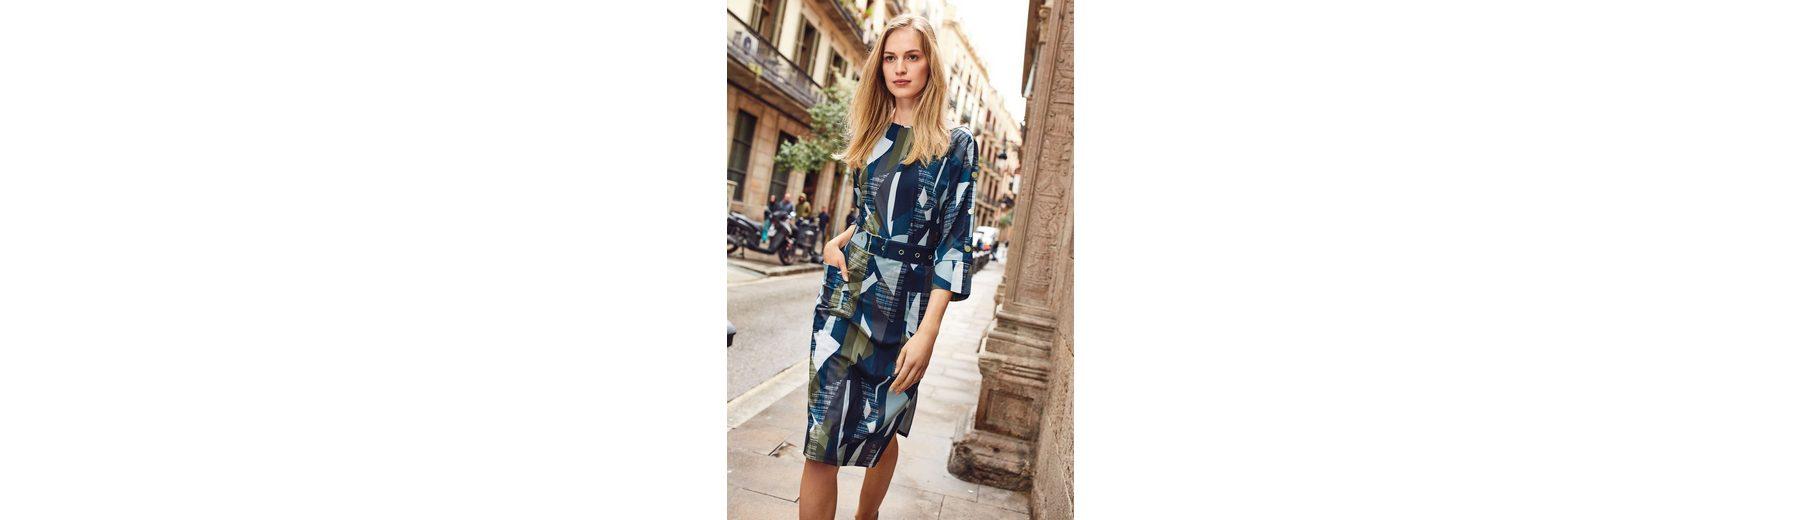 Next Kleid mit Gürtel und Knopfdetail Freies Verschiffen Truhe Bilder pk3ipvOA